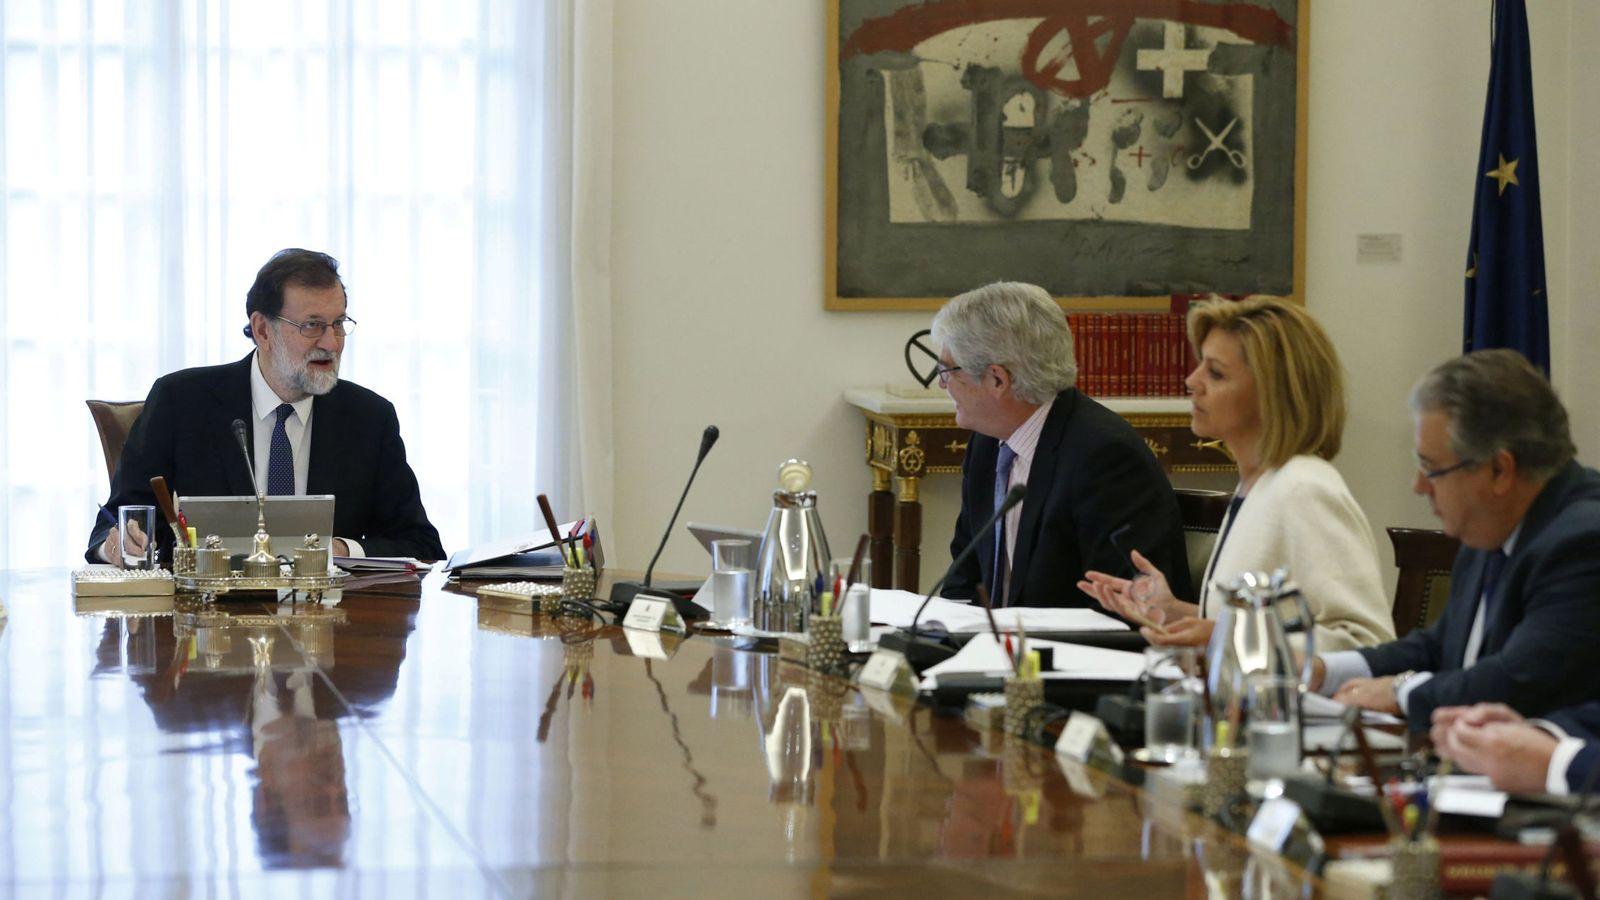 Foto: Consejo de Ministros extraordinario para aplicar el 155